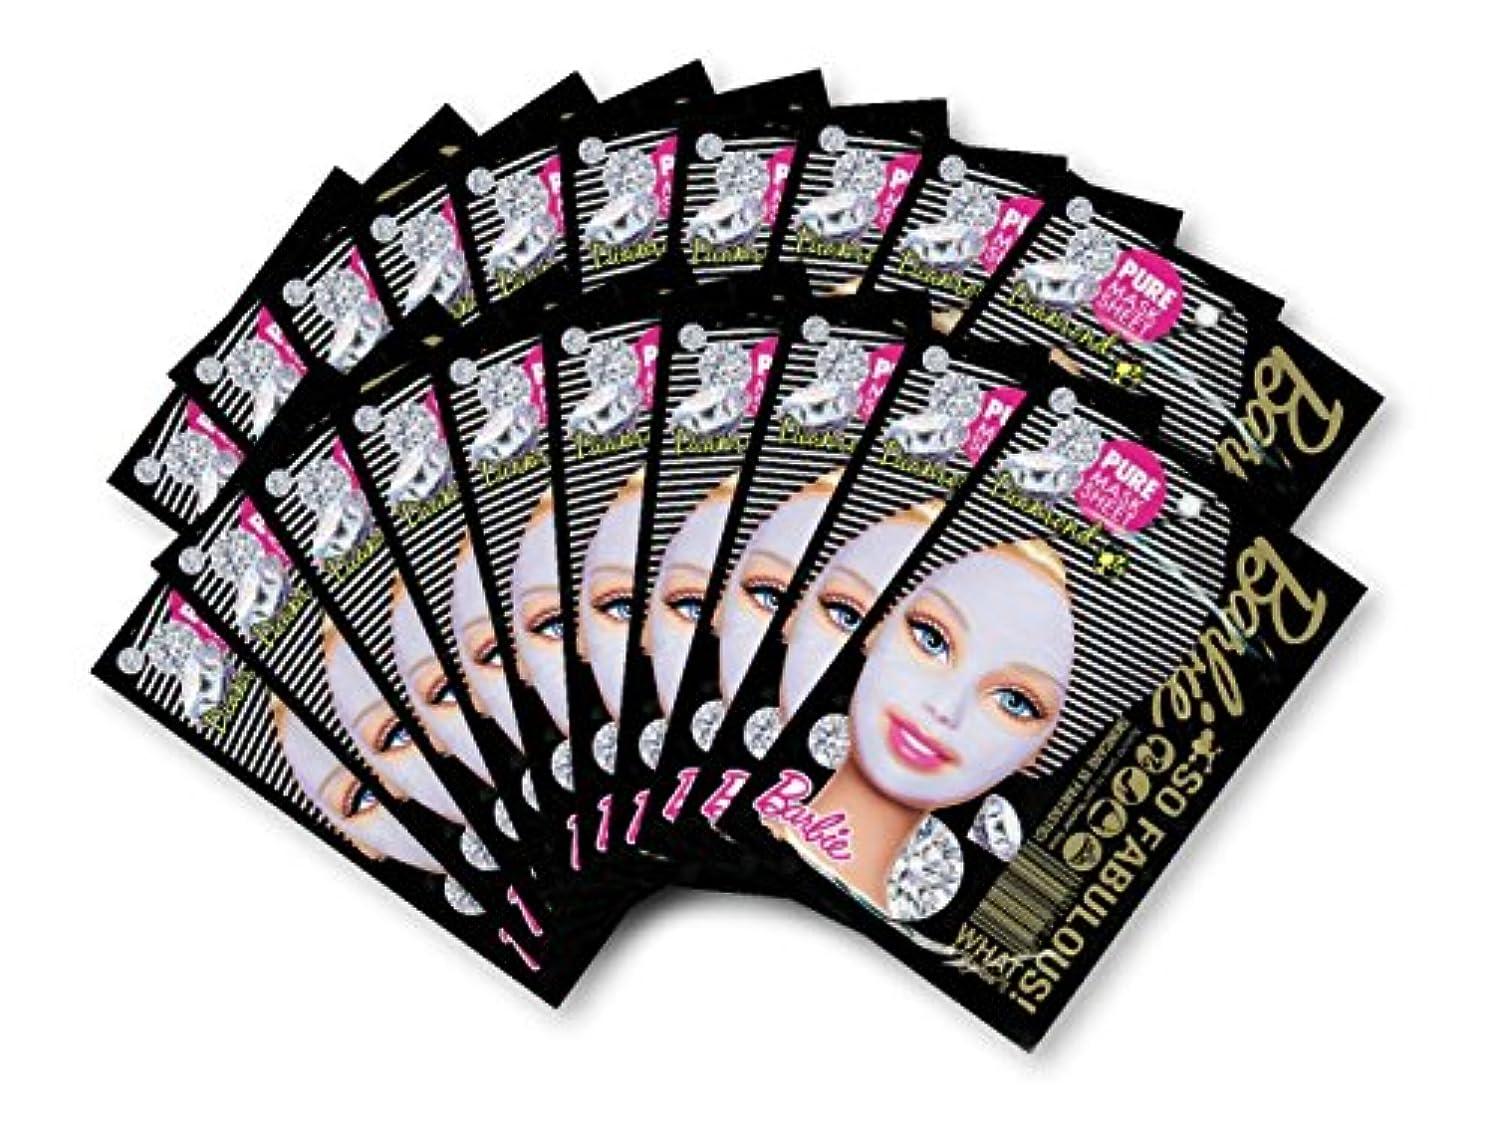 恋人悲しみ行き当たりばったりバービー (Barbie) フェイスマスク ピュアマスクシートN (ダイアモンド) 25ml×20枚入り [保湿] 顔 シートマスク フェイスパック